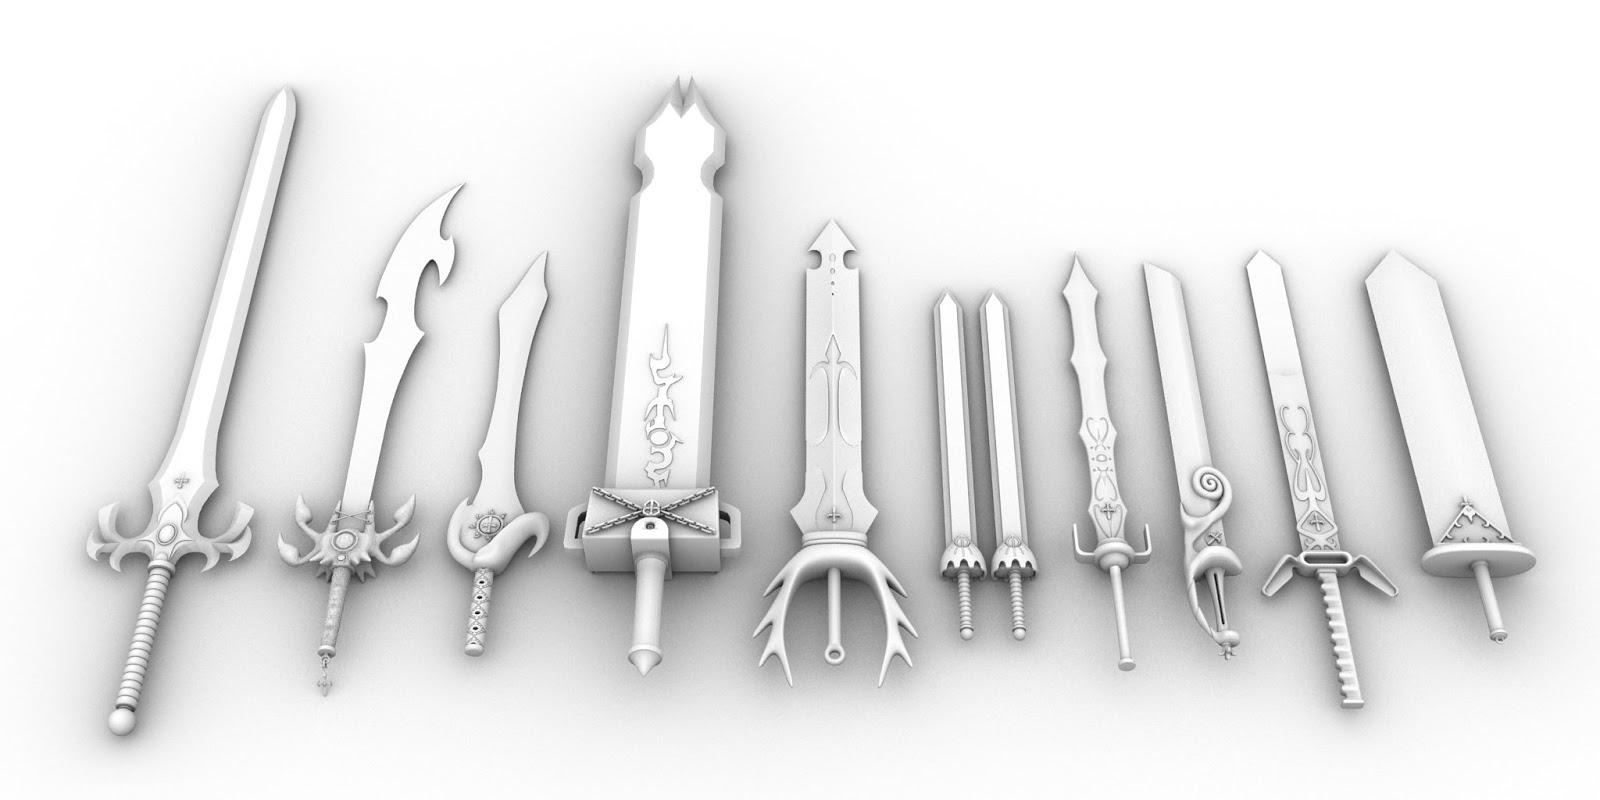 The Glory of Ten Sword pedang paling tajam di dunia